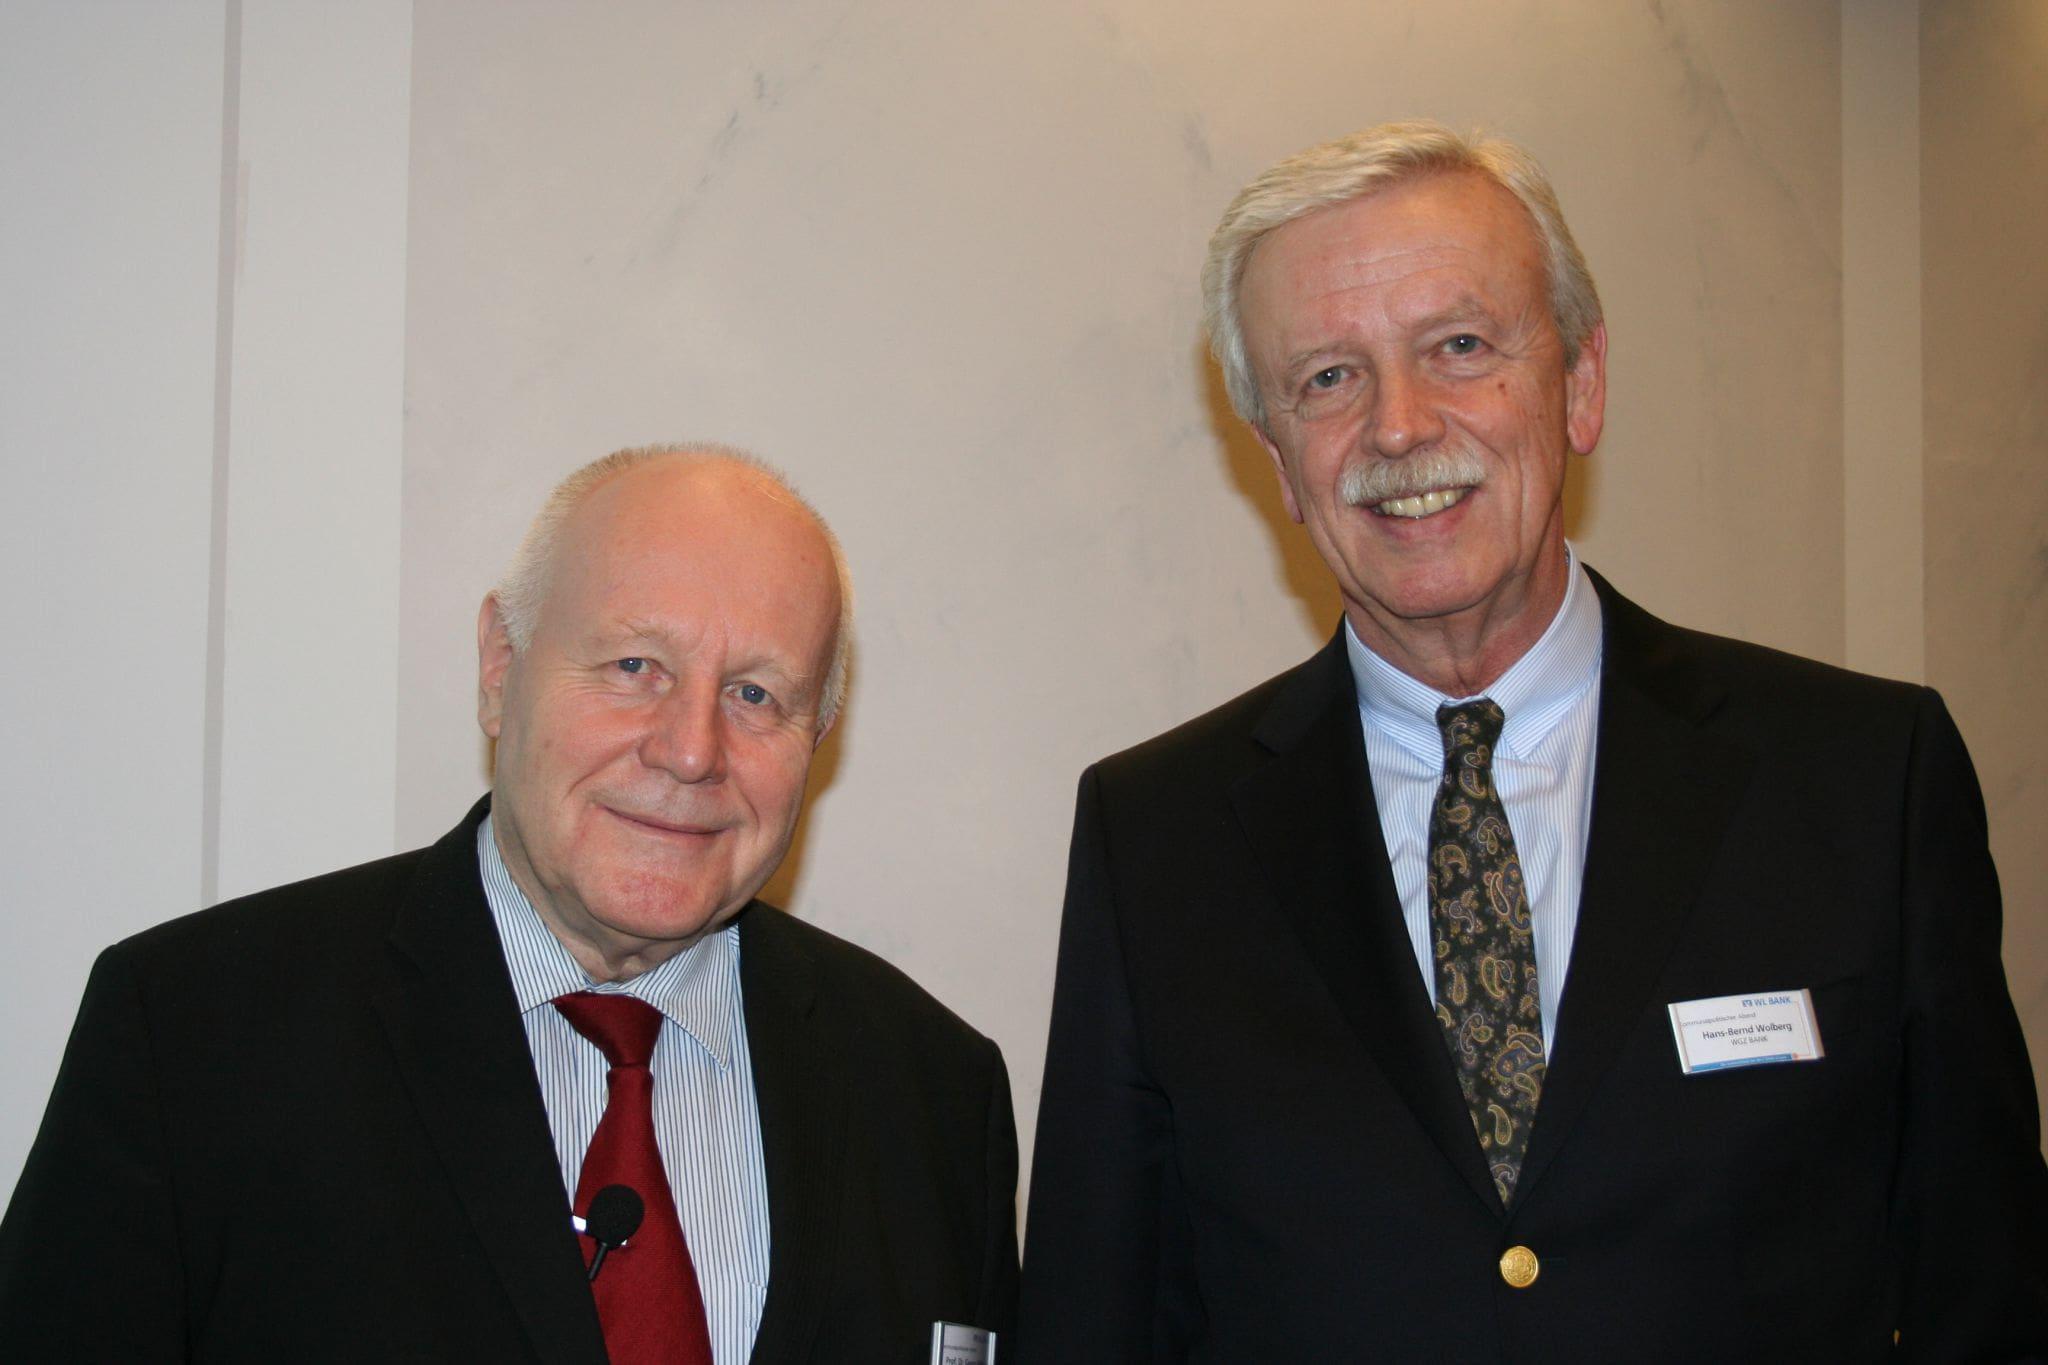 Prof. Dr. Georg Milbradt (l.) mit Hans-Bernd Wolberg, Vorstandsvorsitzenden der WGZ Bank (r.)